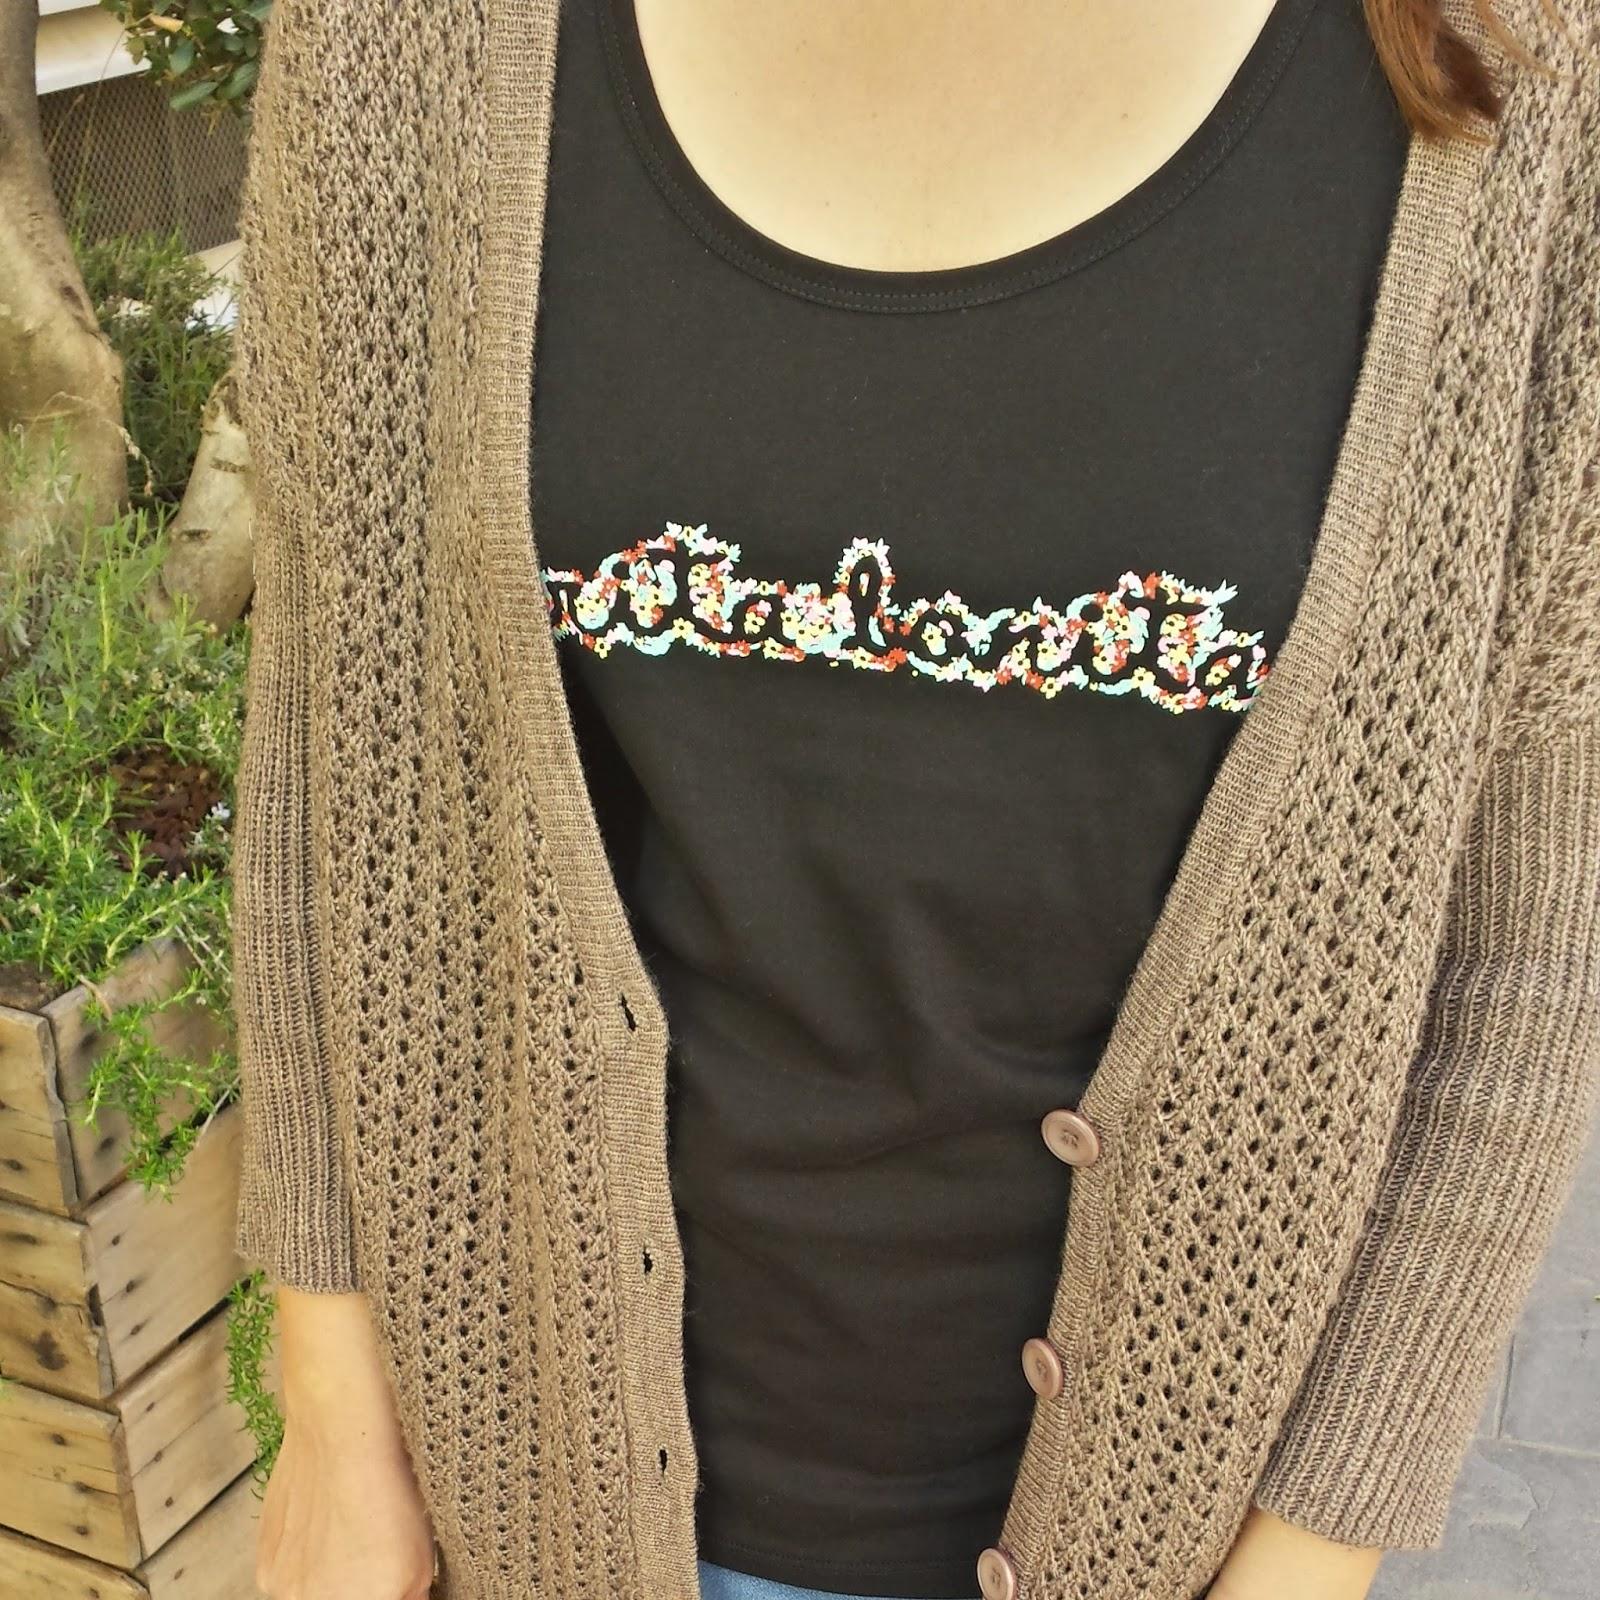 Camiseta ideal y combinable de Carita Bonita con diseño de letras de florecitas perfecta para esta primavera.